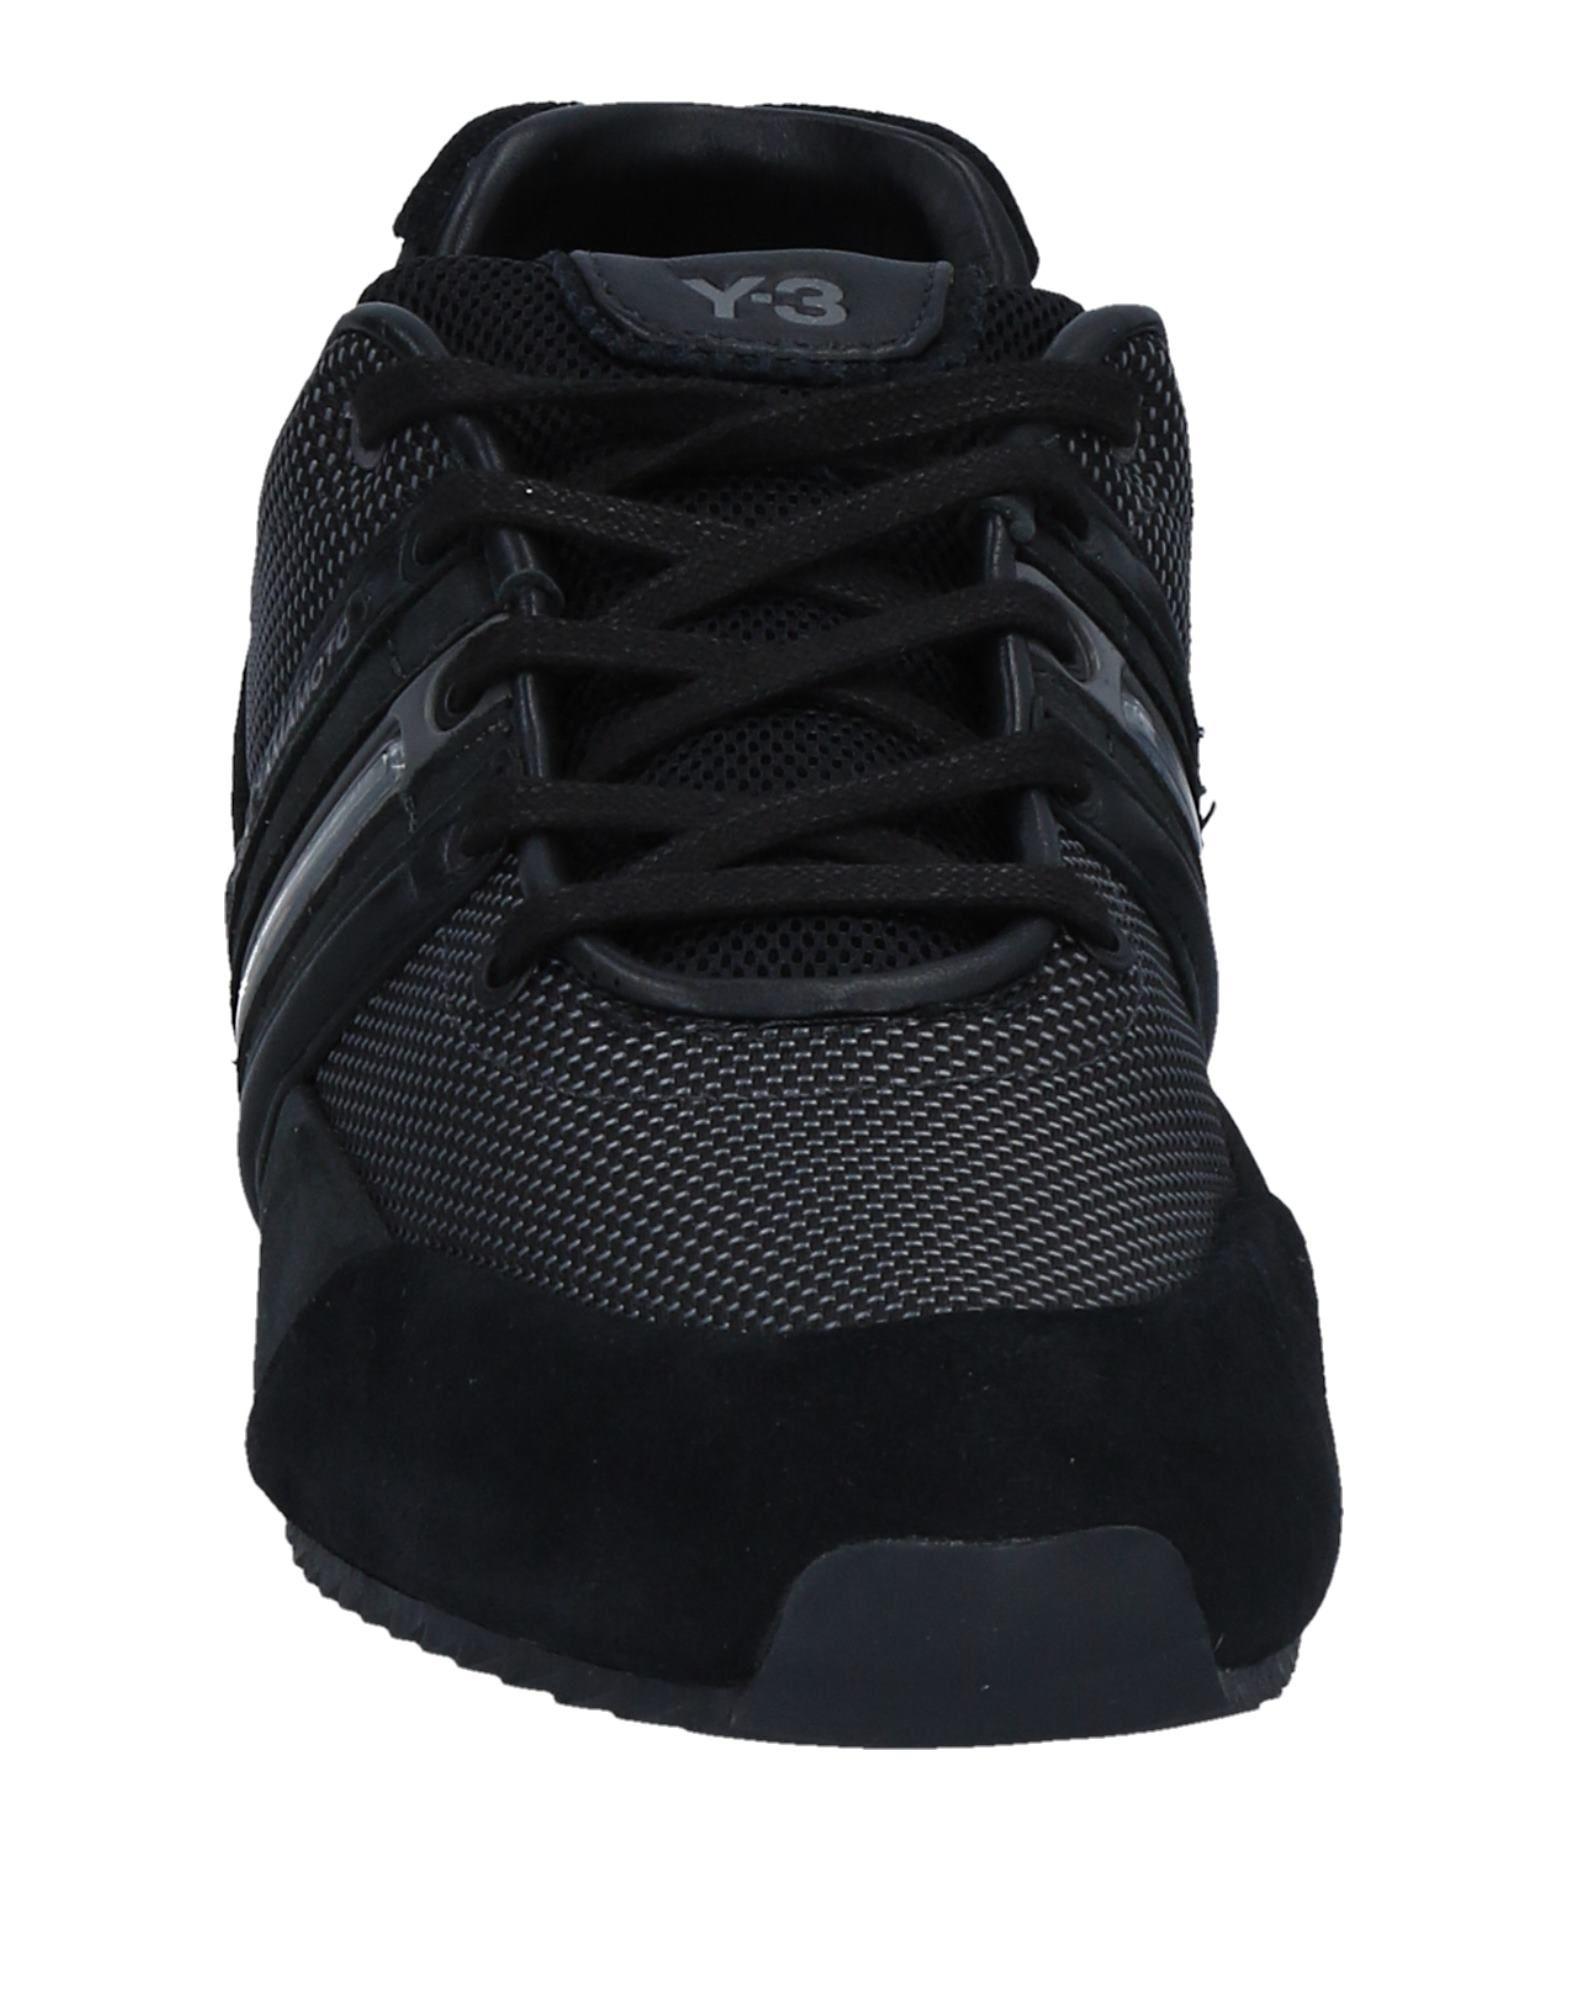 Scarpe Scarpe Scarpe economiche e resistenti Sneakers Y-3 Uomo - 11505467VT 73d814